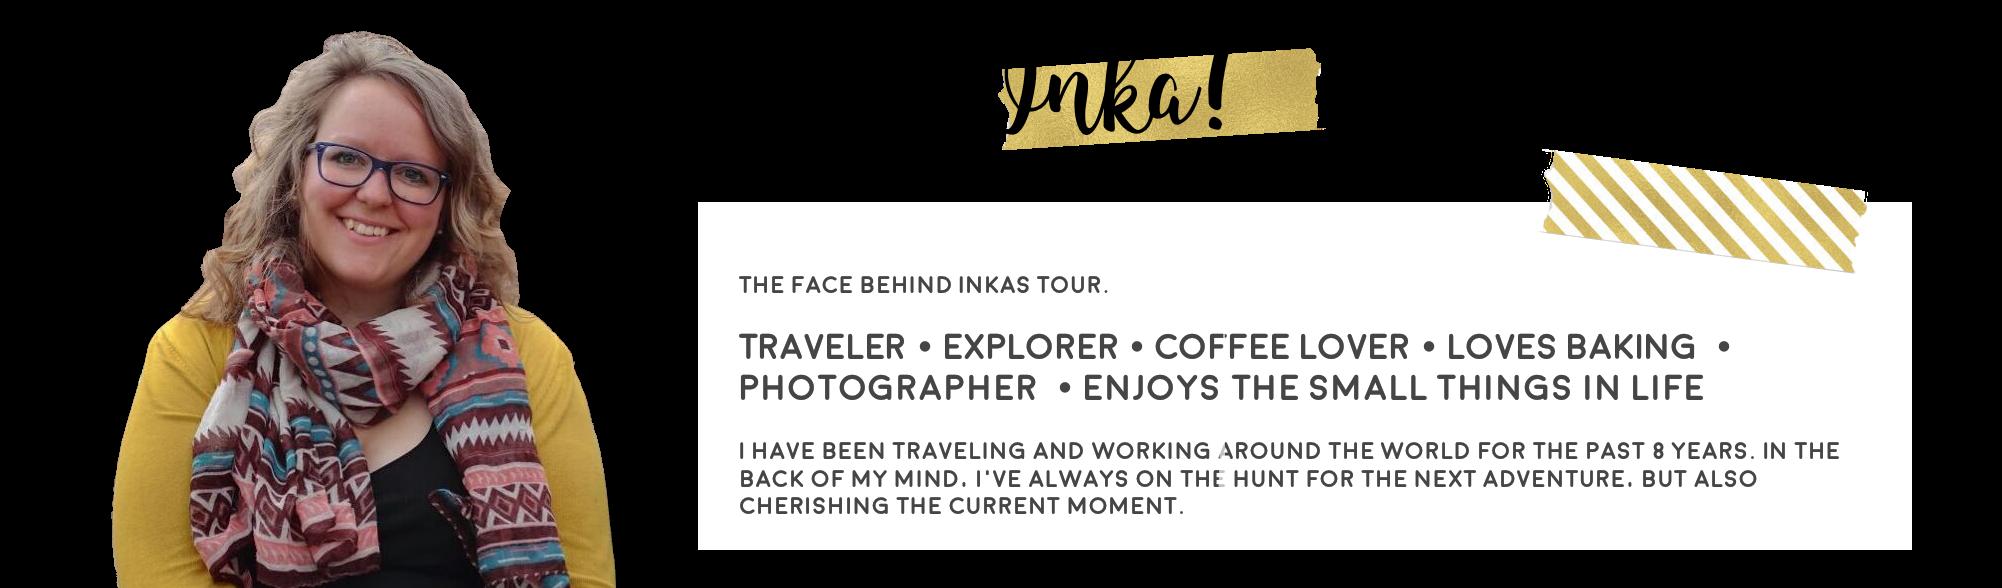 inkas tour about me